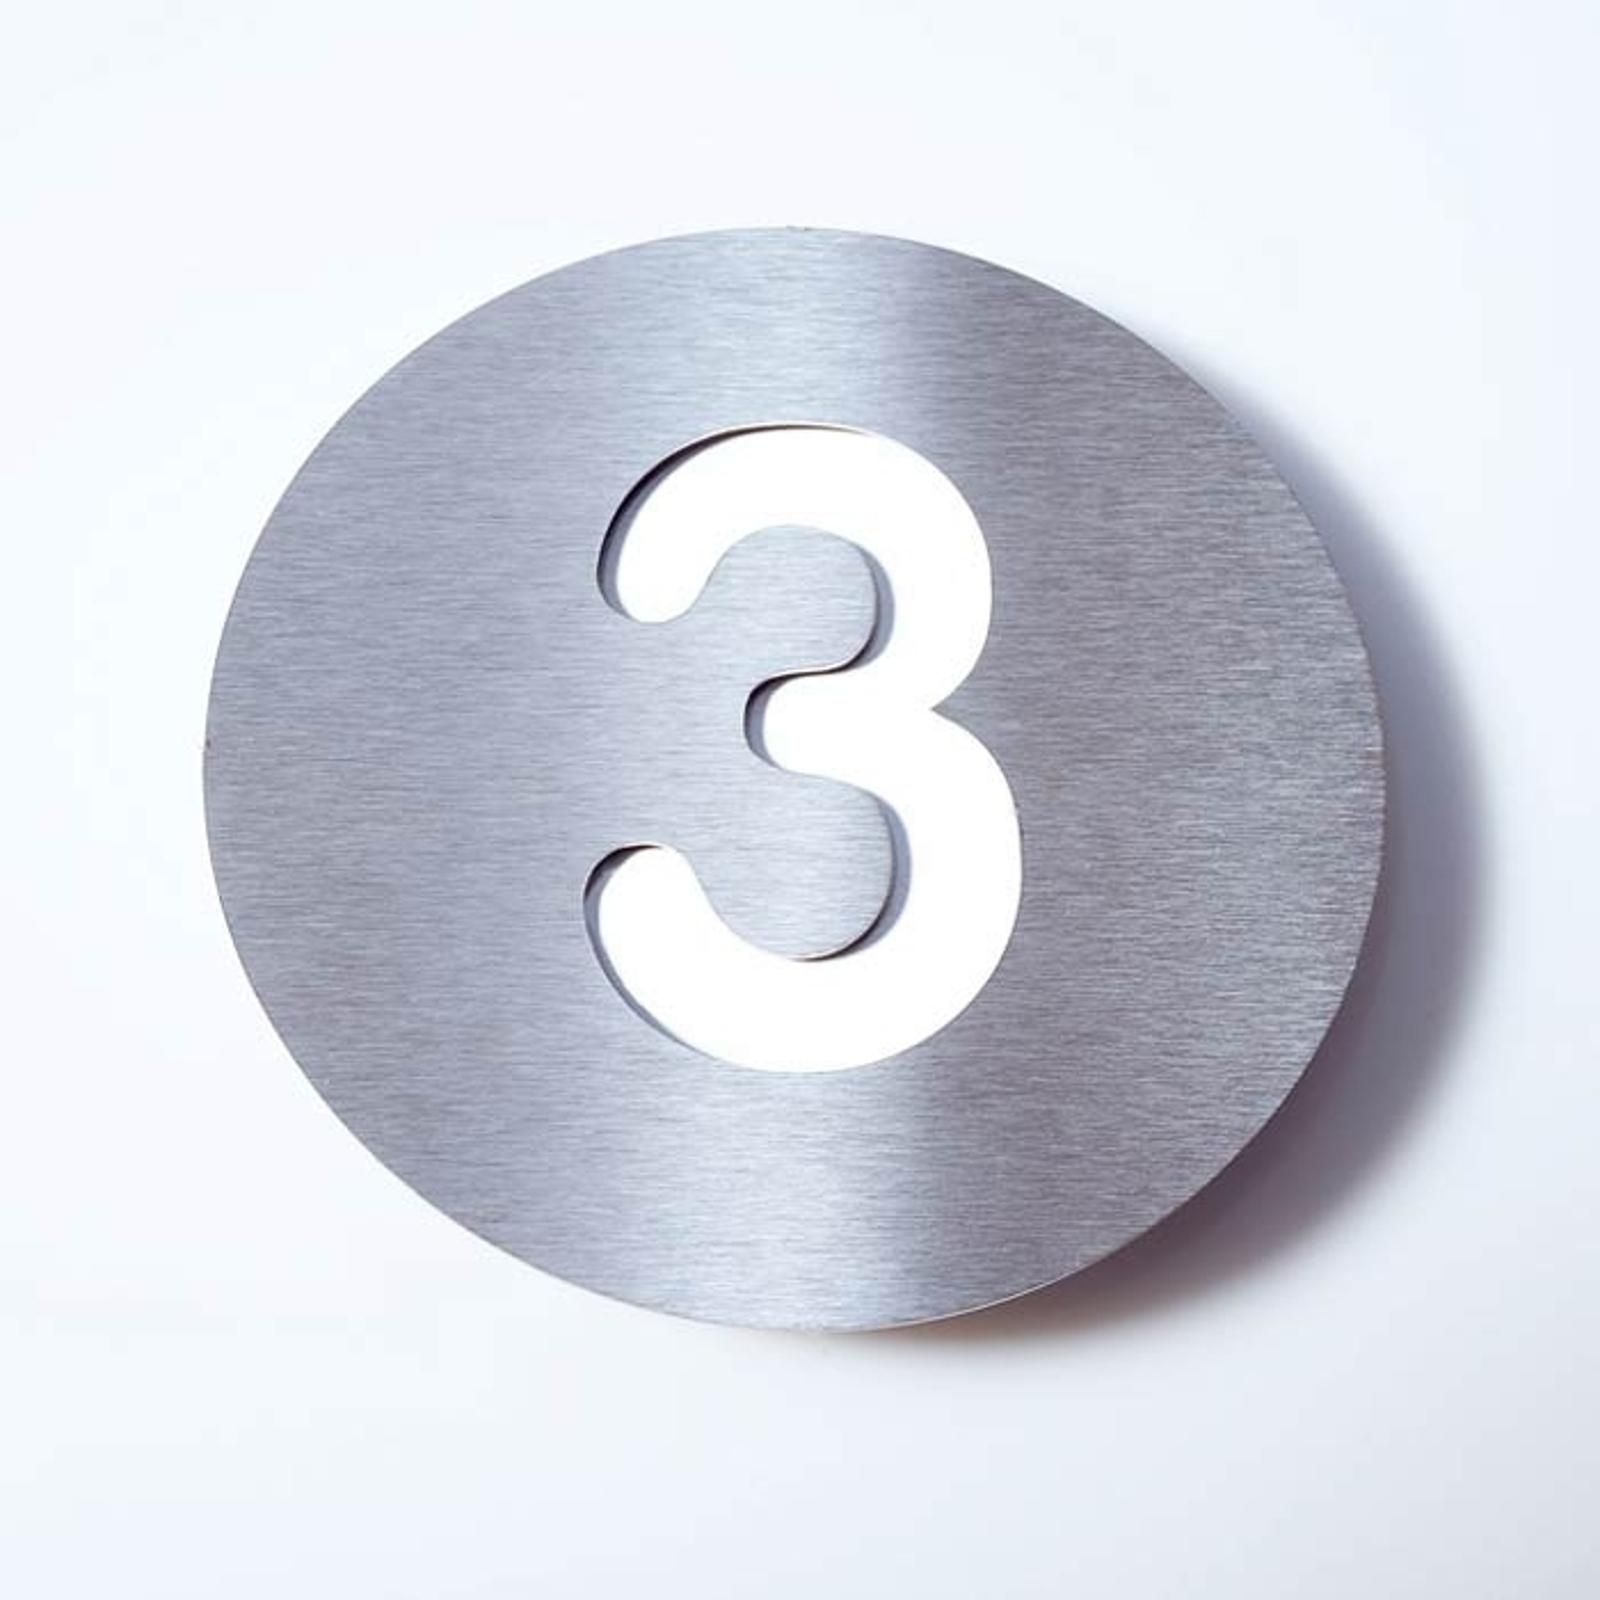 Hausnummer Round aus Edelstahl - 3